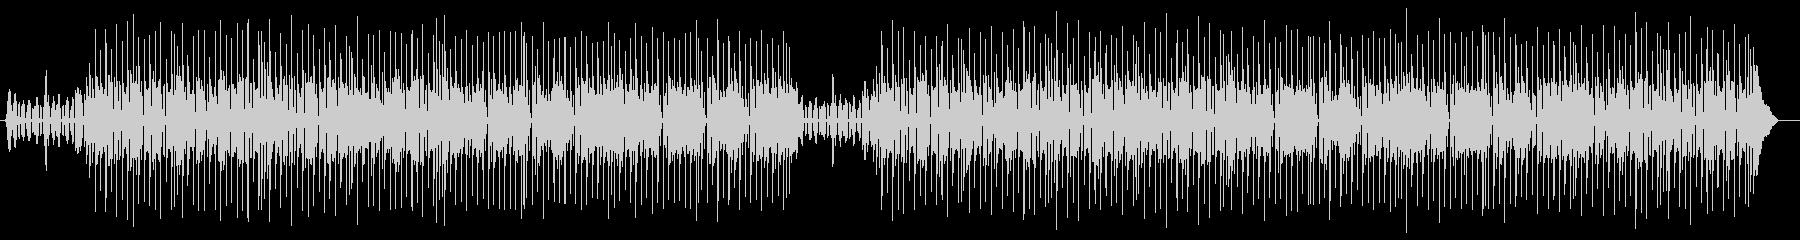 ゆったりとリラックスシンセポップス曲の未再生の波形